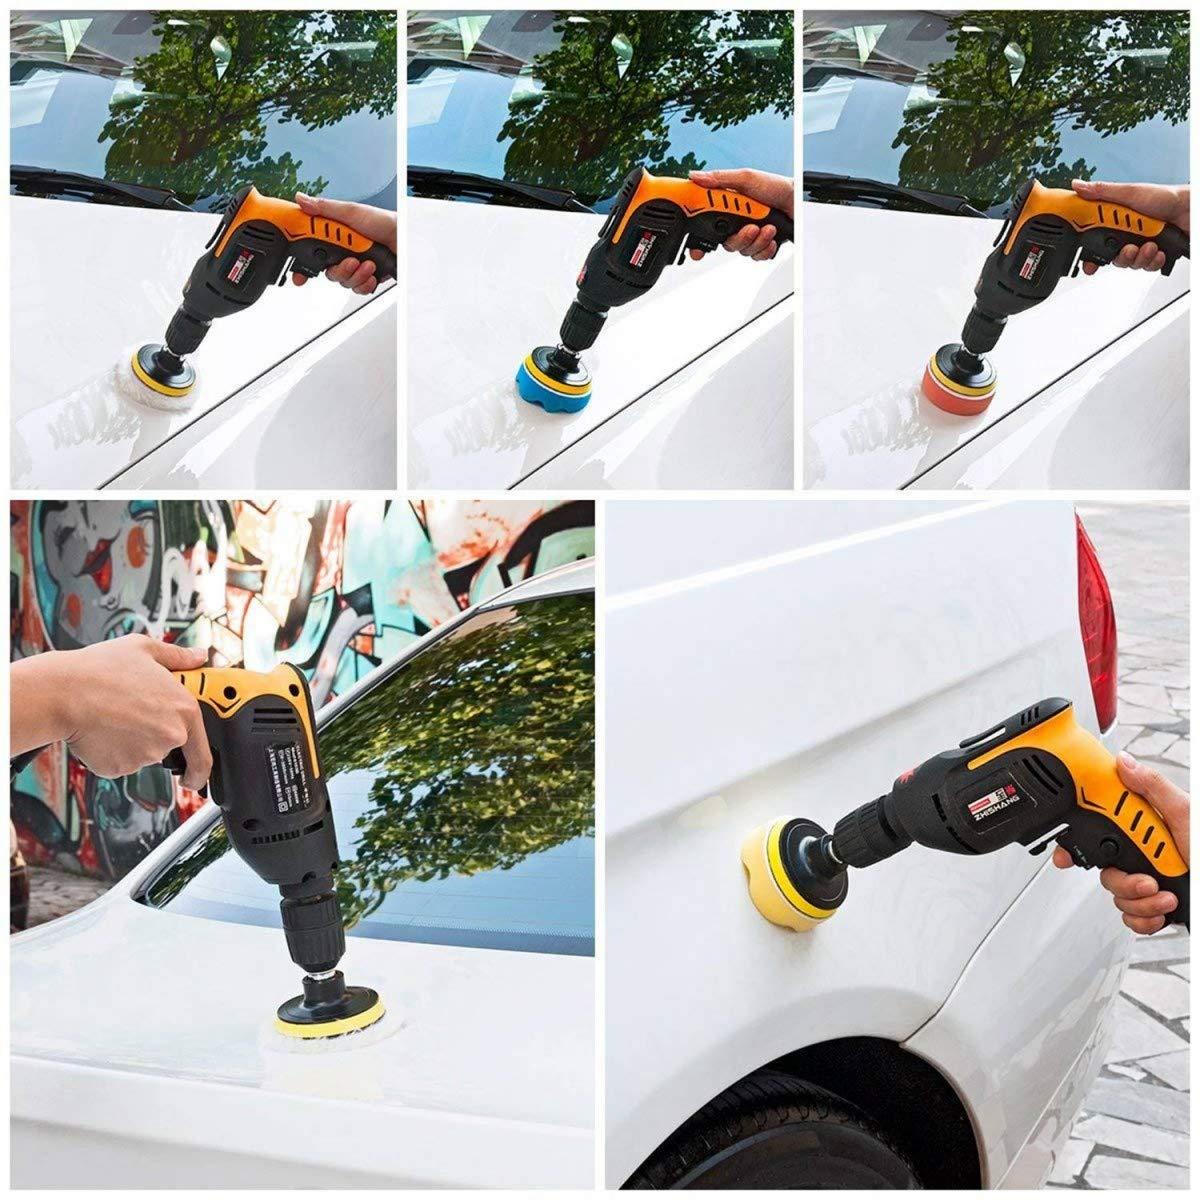 Kit tampone Spugna per lucidare Auto Macchina fari Auto e Parabrezza JZK Set 25 x spugnetta Spugna lucidatura Auto da 8 cm Spugna lucidatrice Auto con Adattatore per Trapano M10